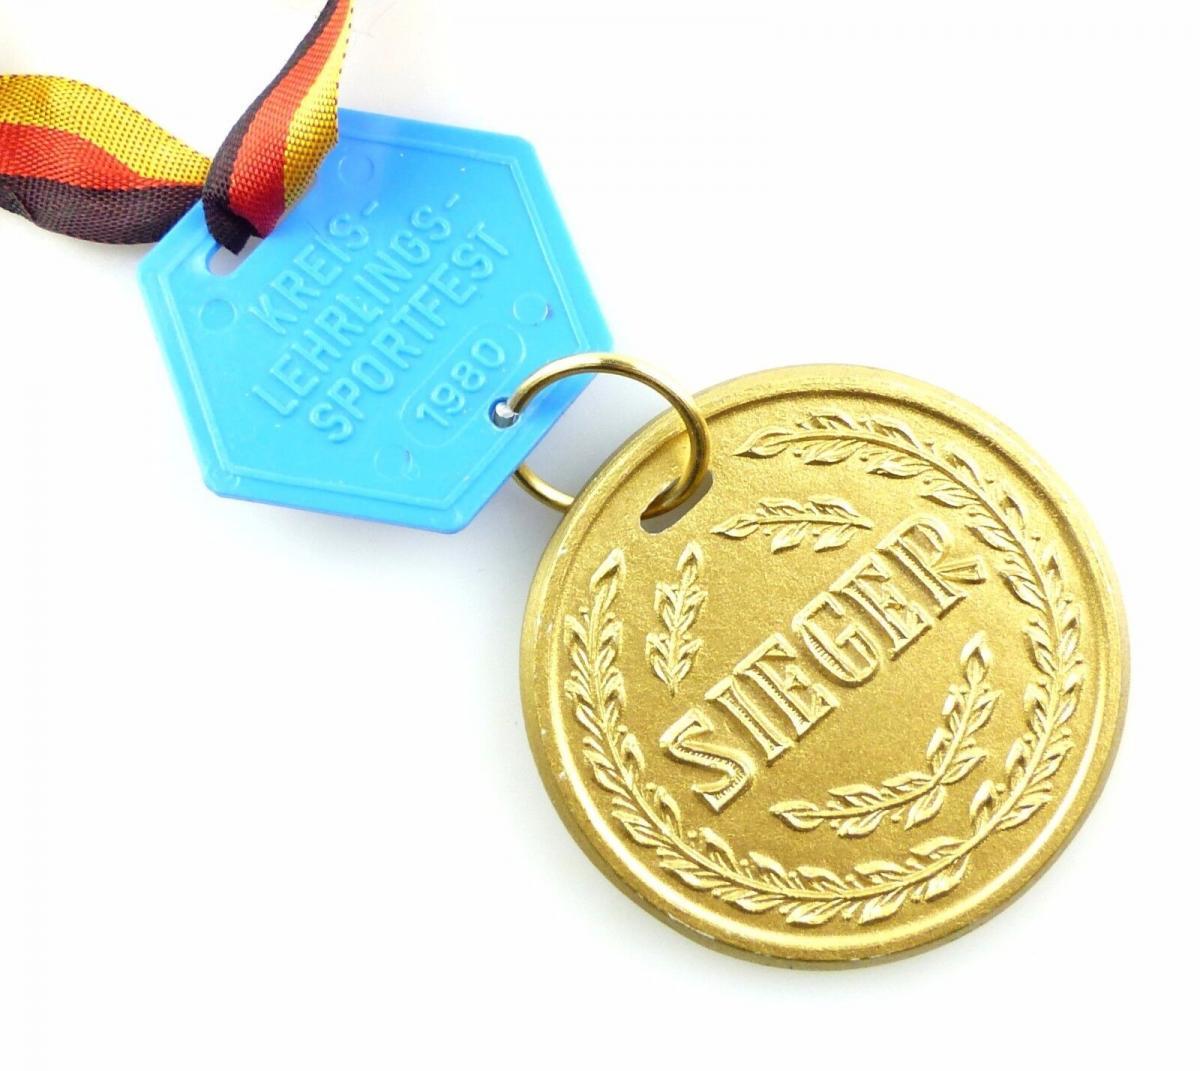 #e5792 DDR Medaille Kreis- Lehrlings- Sportfest 1980 DTSB Sieger goldfarben